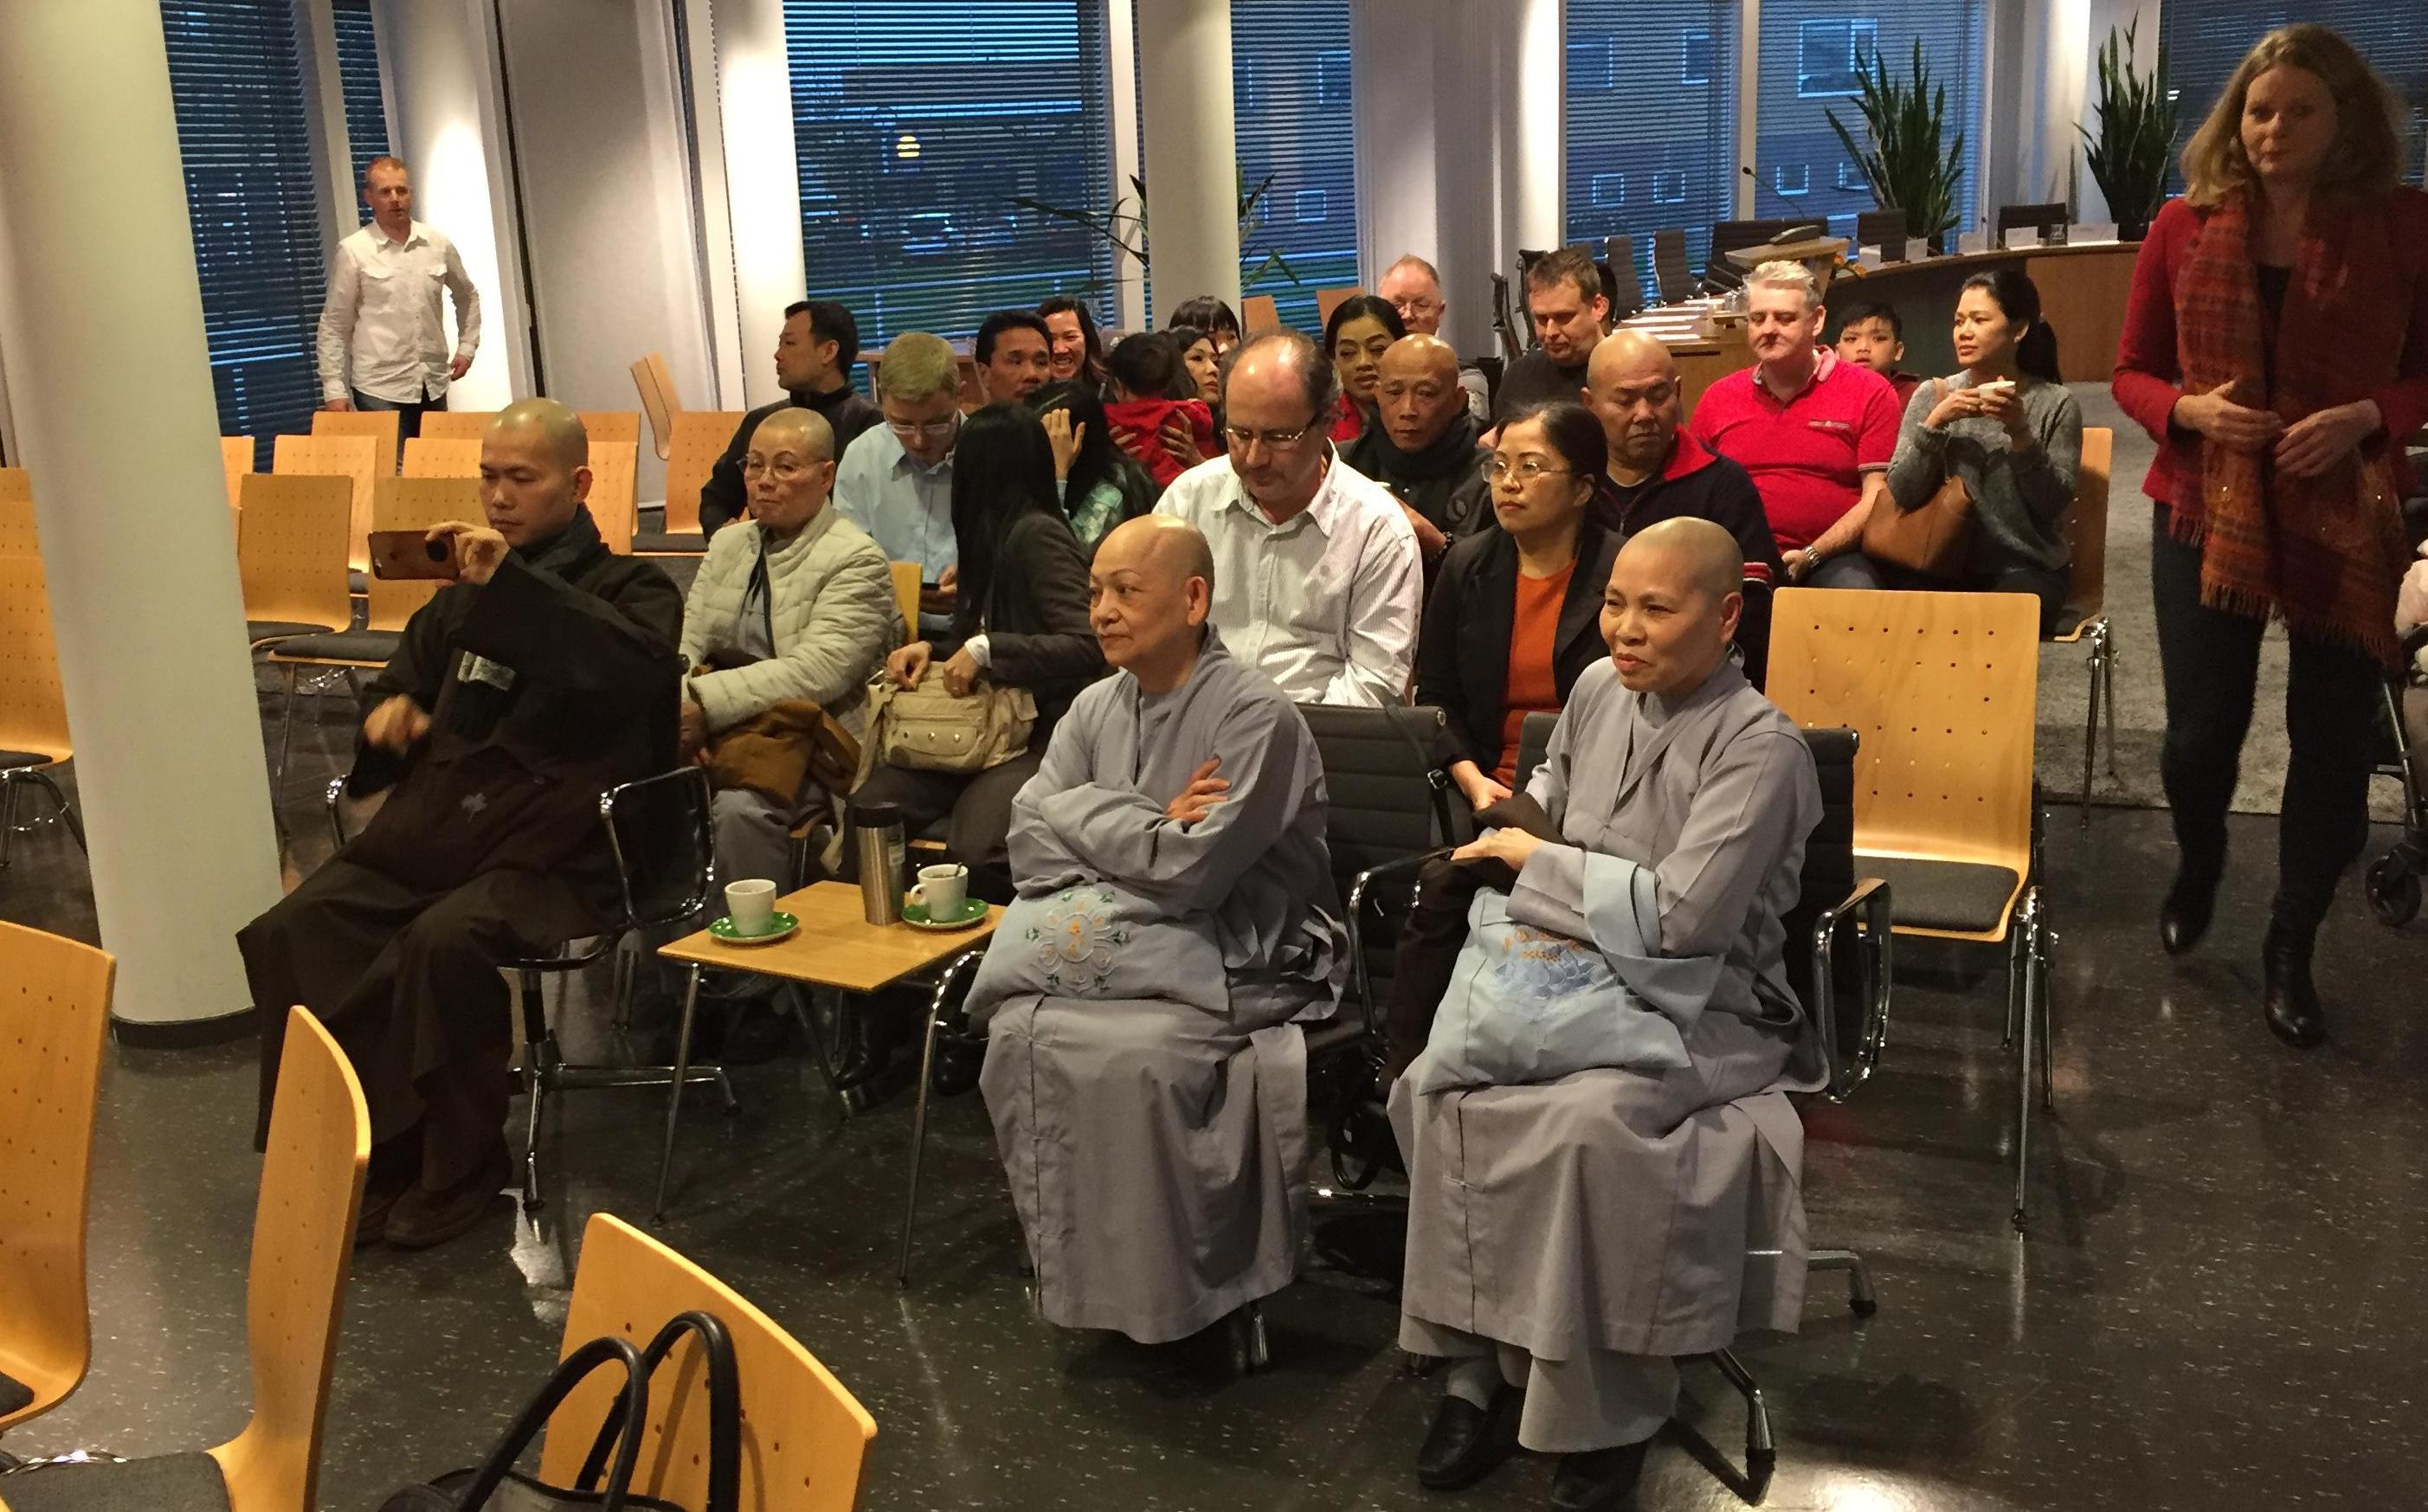 Boeddhisten roeren zich in Koggenland: 'Wij willen geen confrontatie'